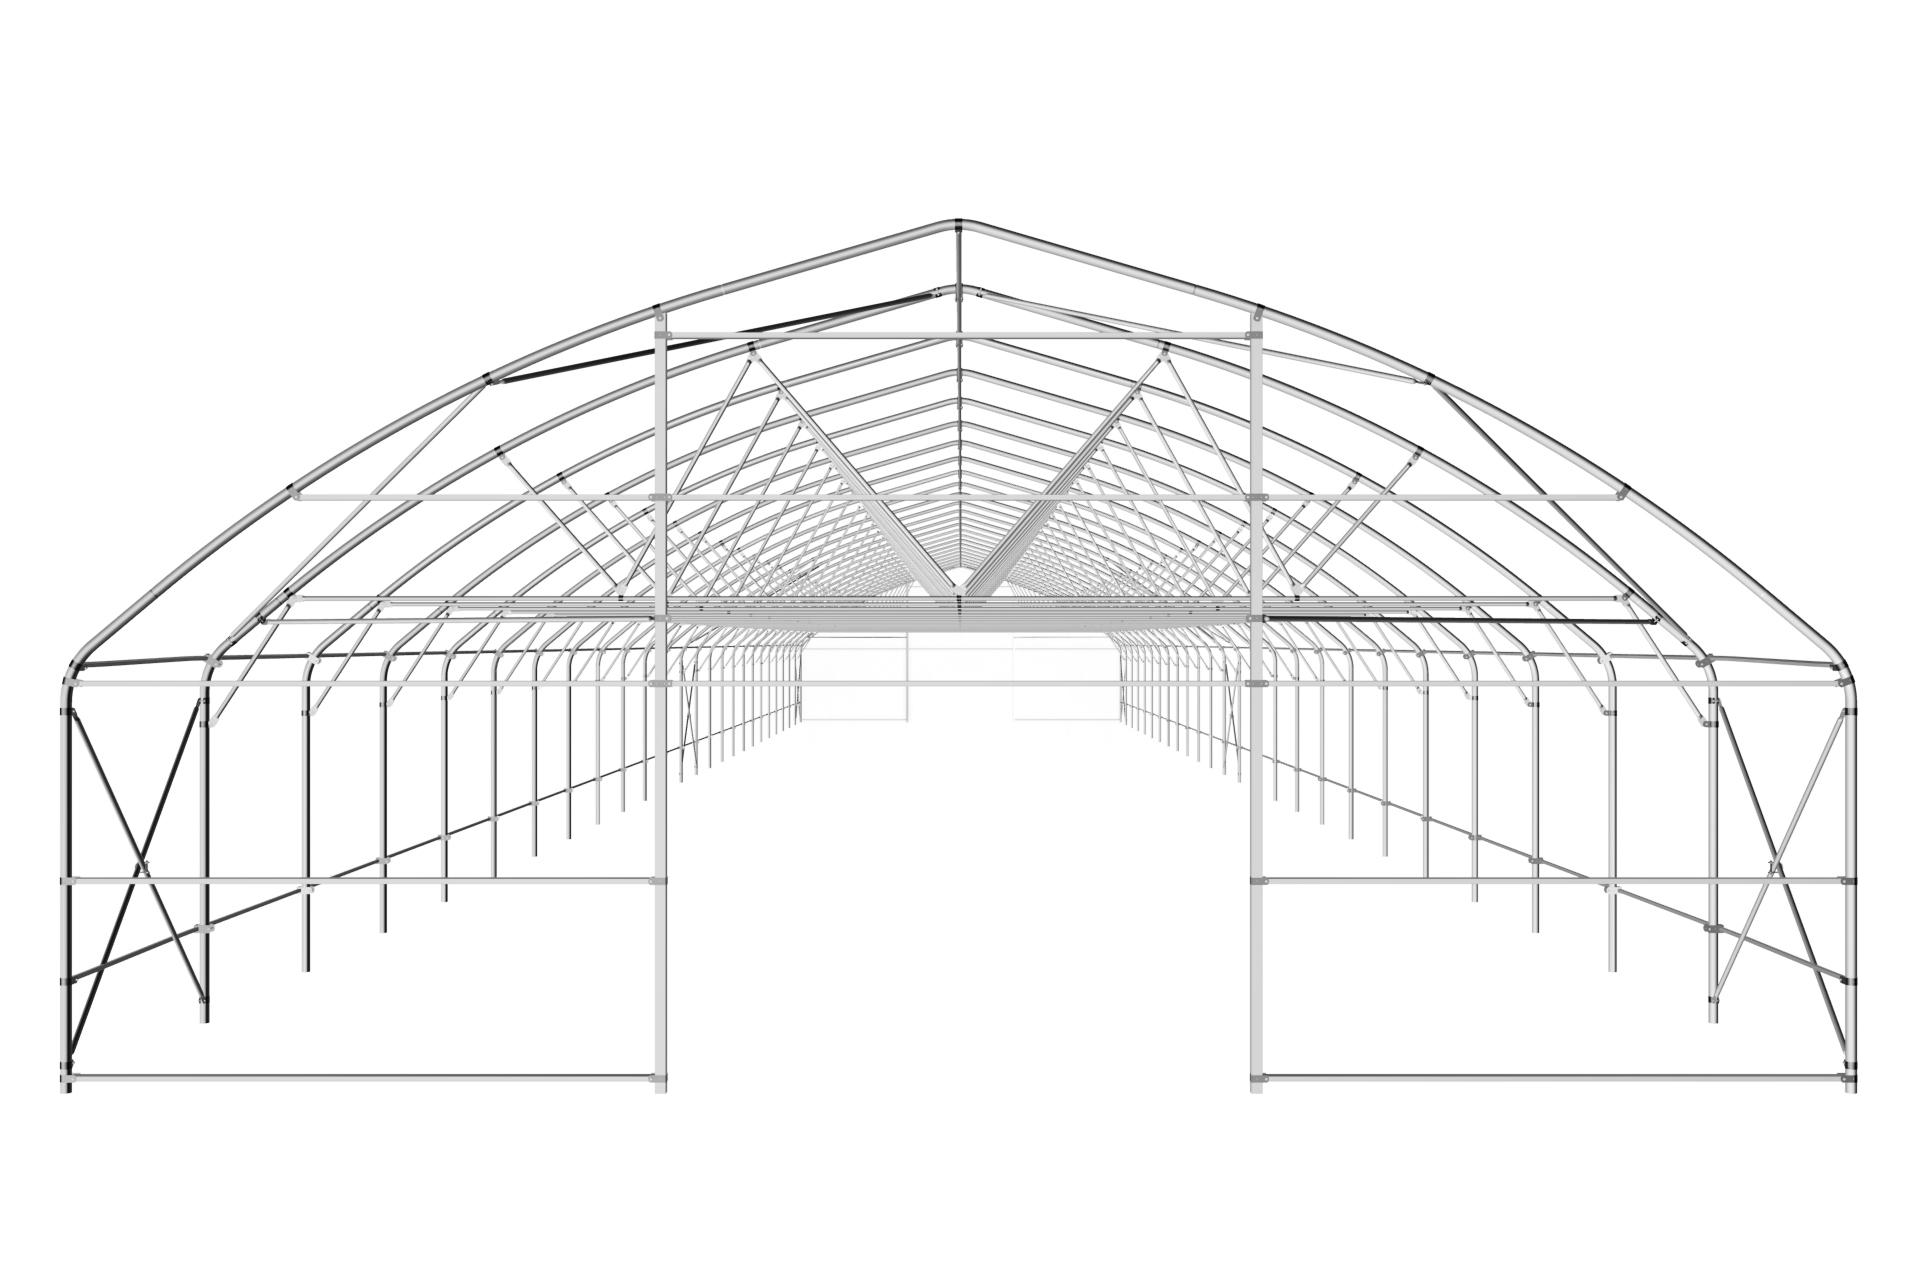 Фермерская теплица туннельная с прямой стенкой 9,6х4,7 м